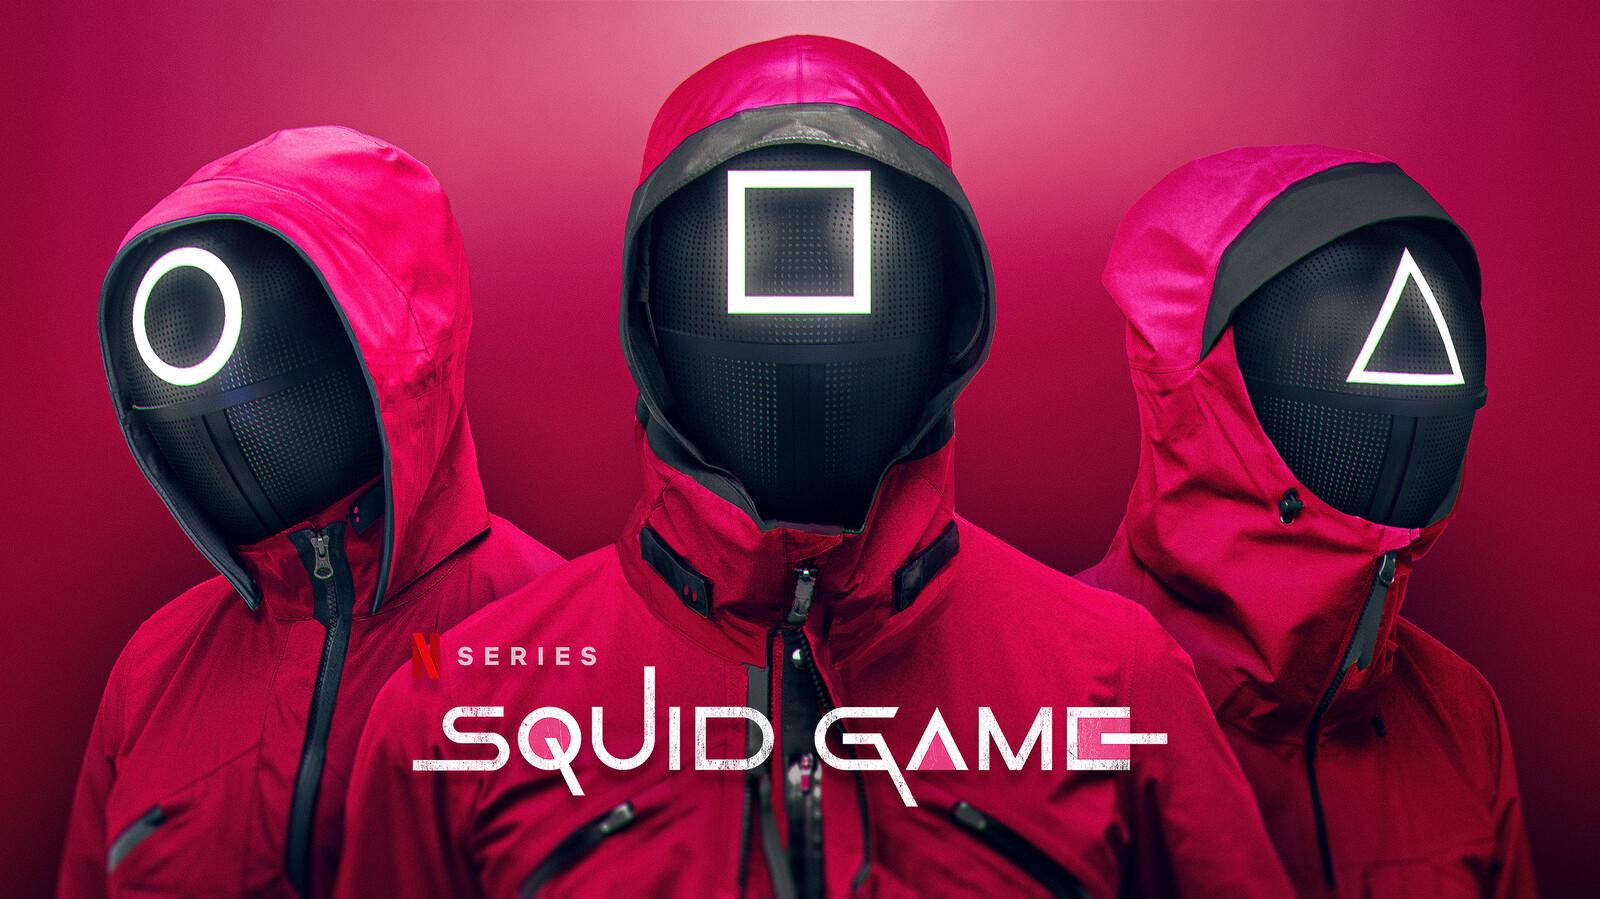 [Fanart] The Squid Game